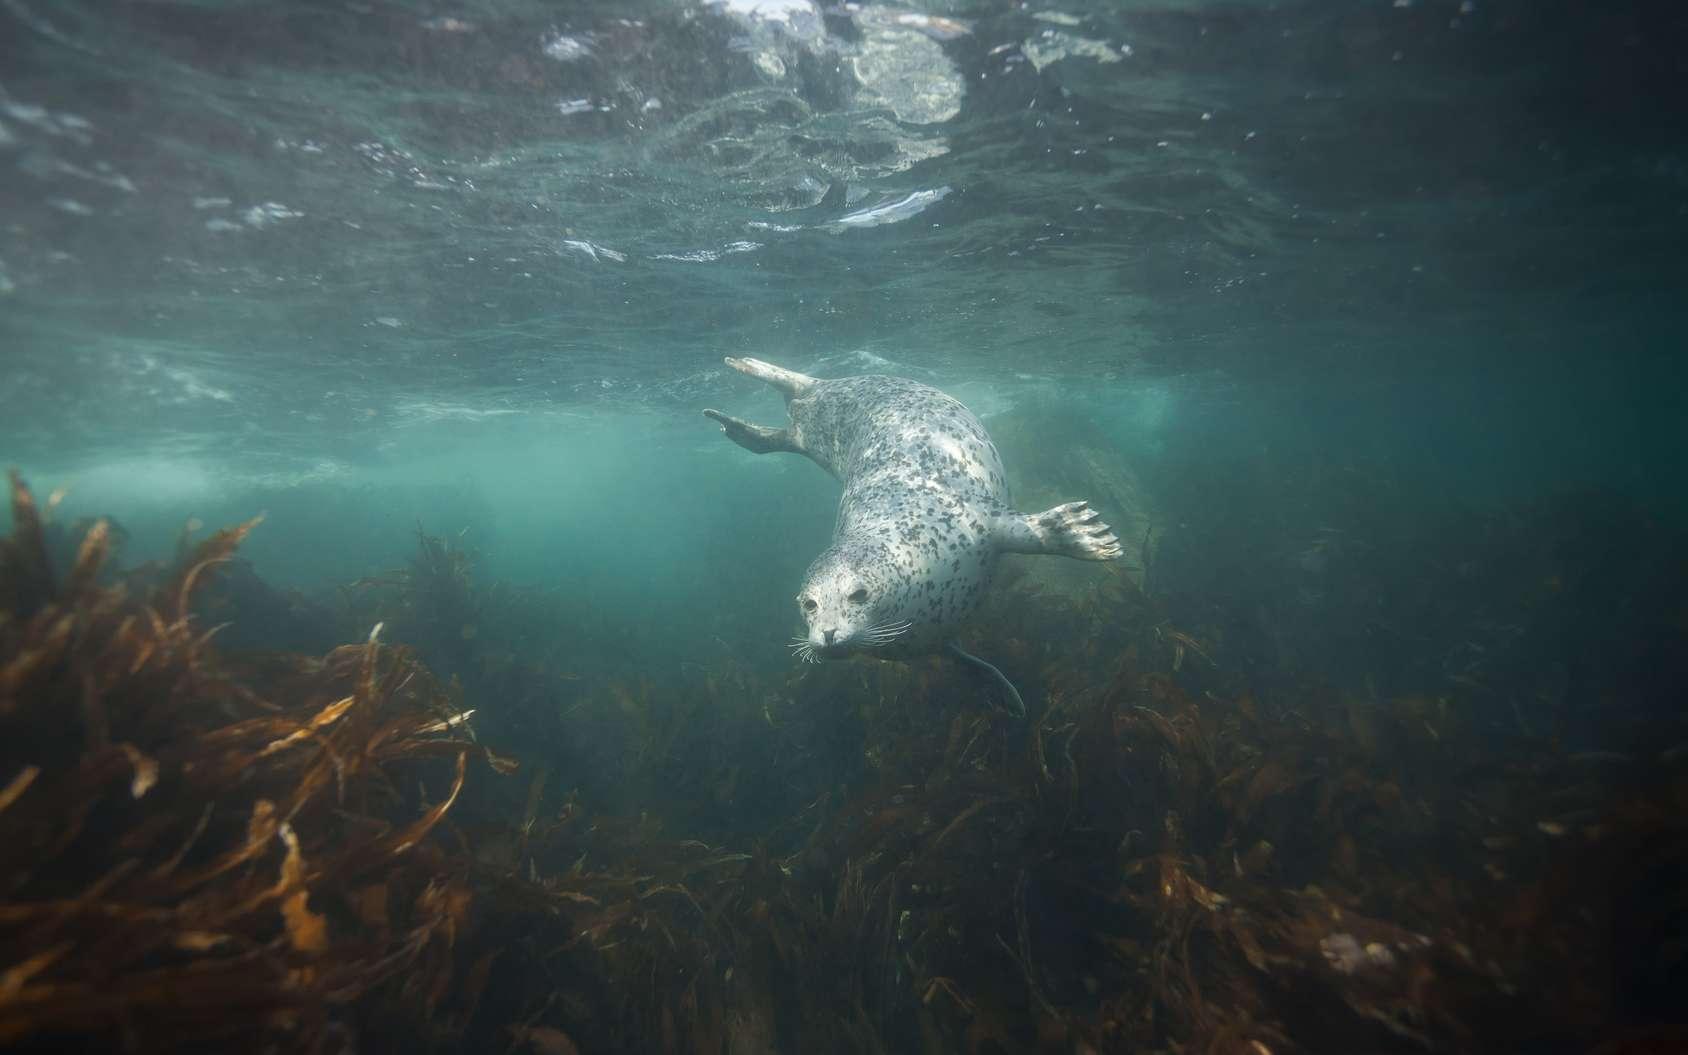 Lors d'une plongée en Bretagne, il n'est pas rare de croiser des phoques gris. © Valerijs Novickis, fotolia